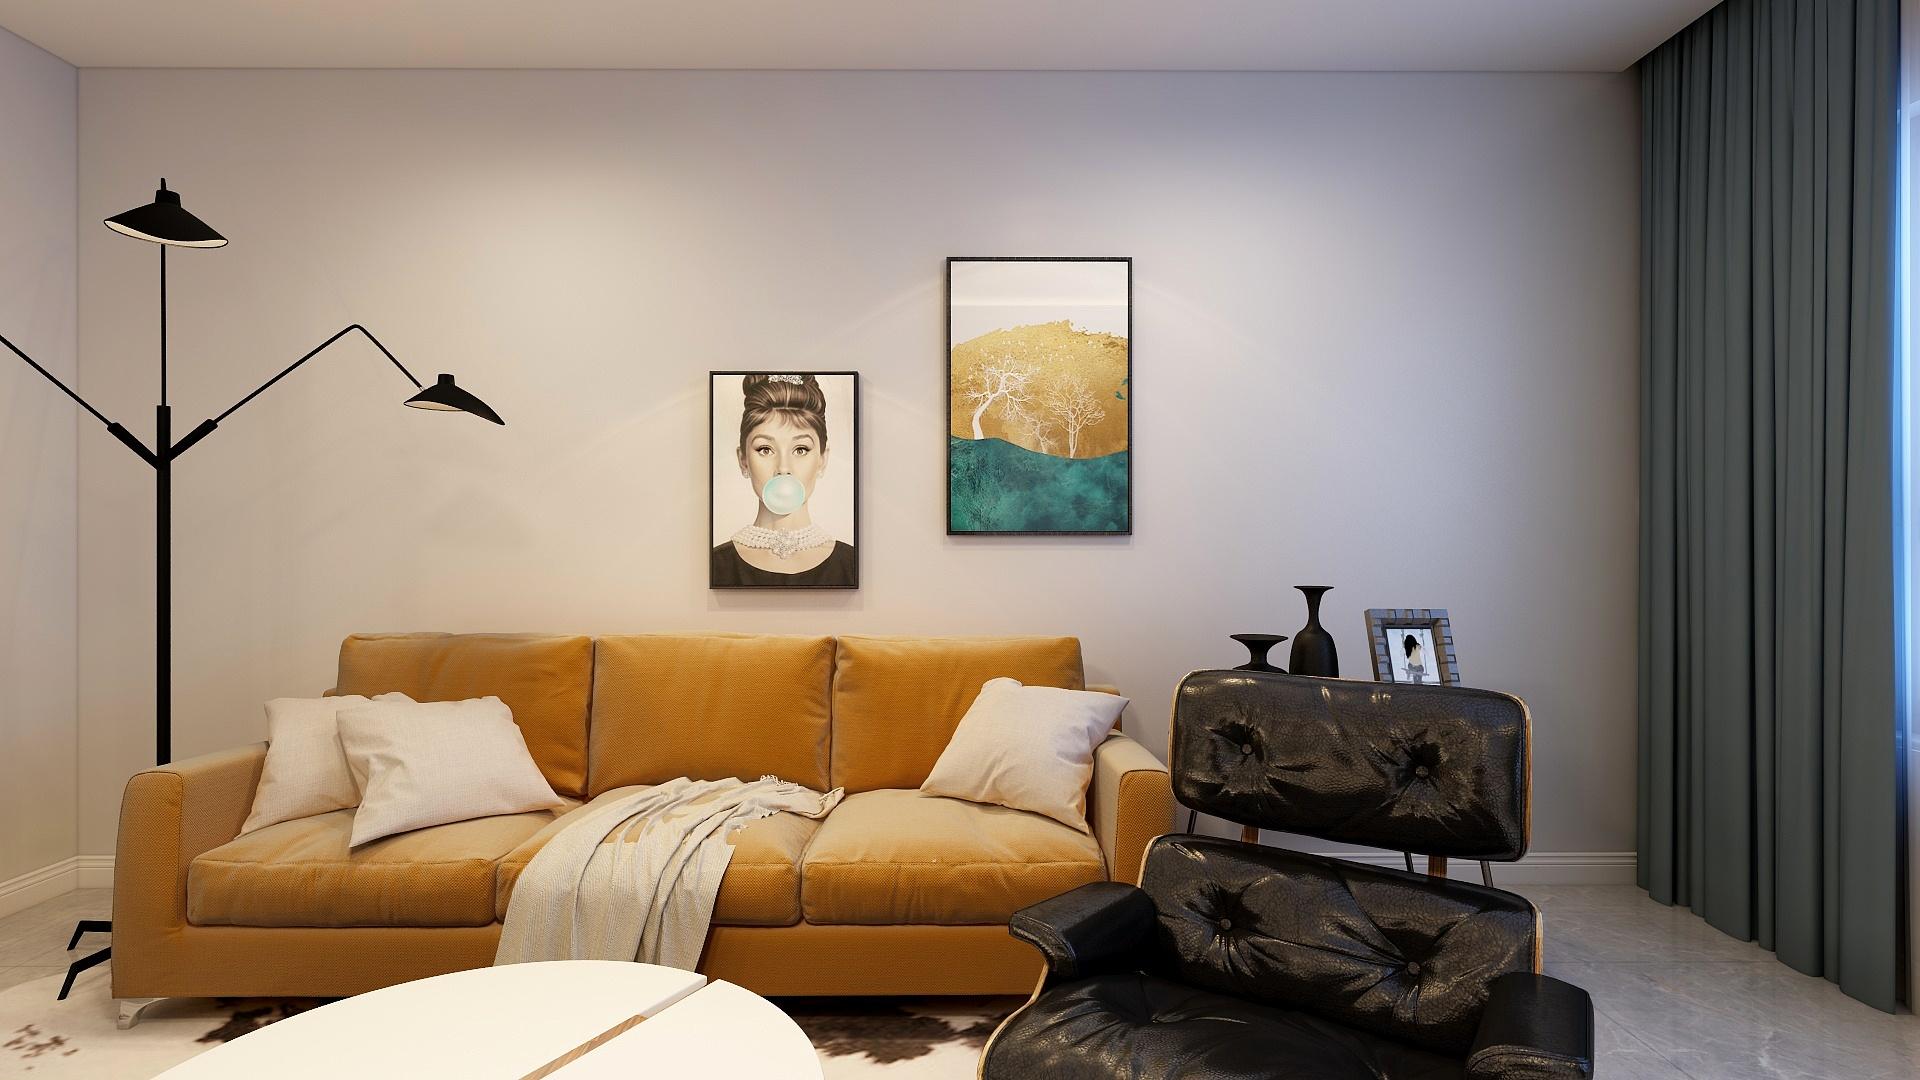 家装设计风格,哪个适合